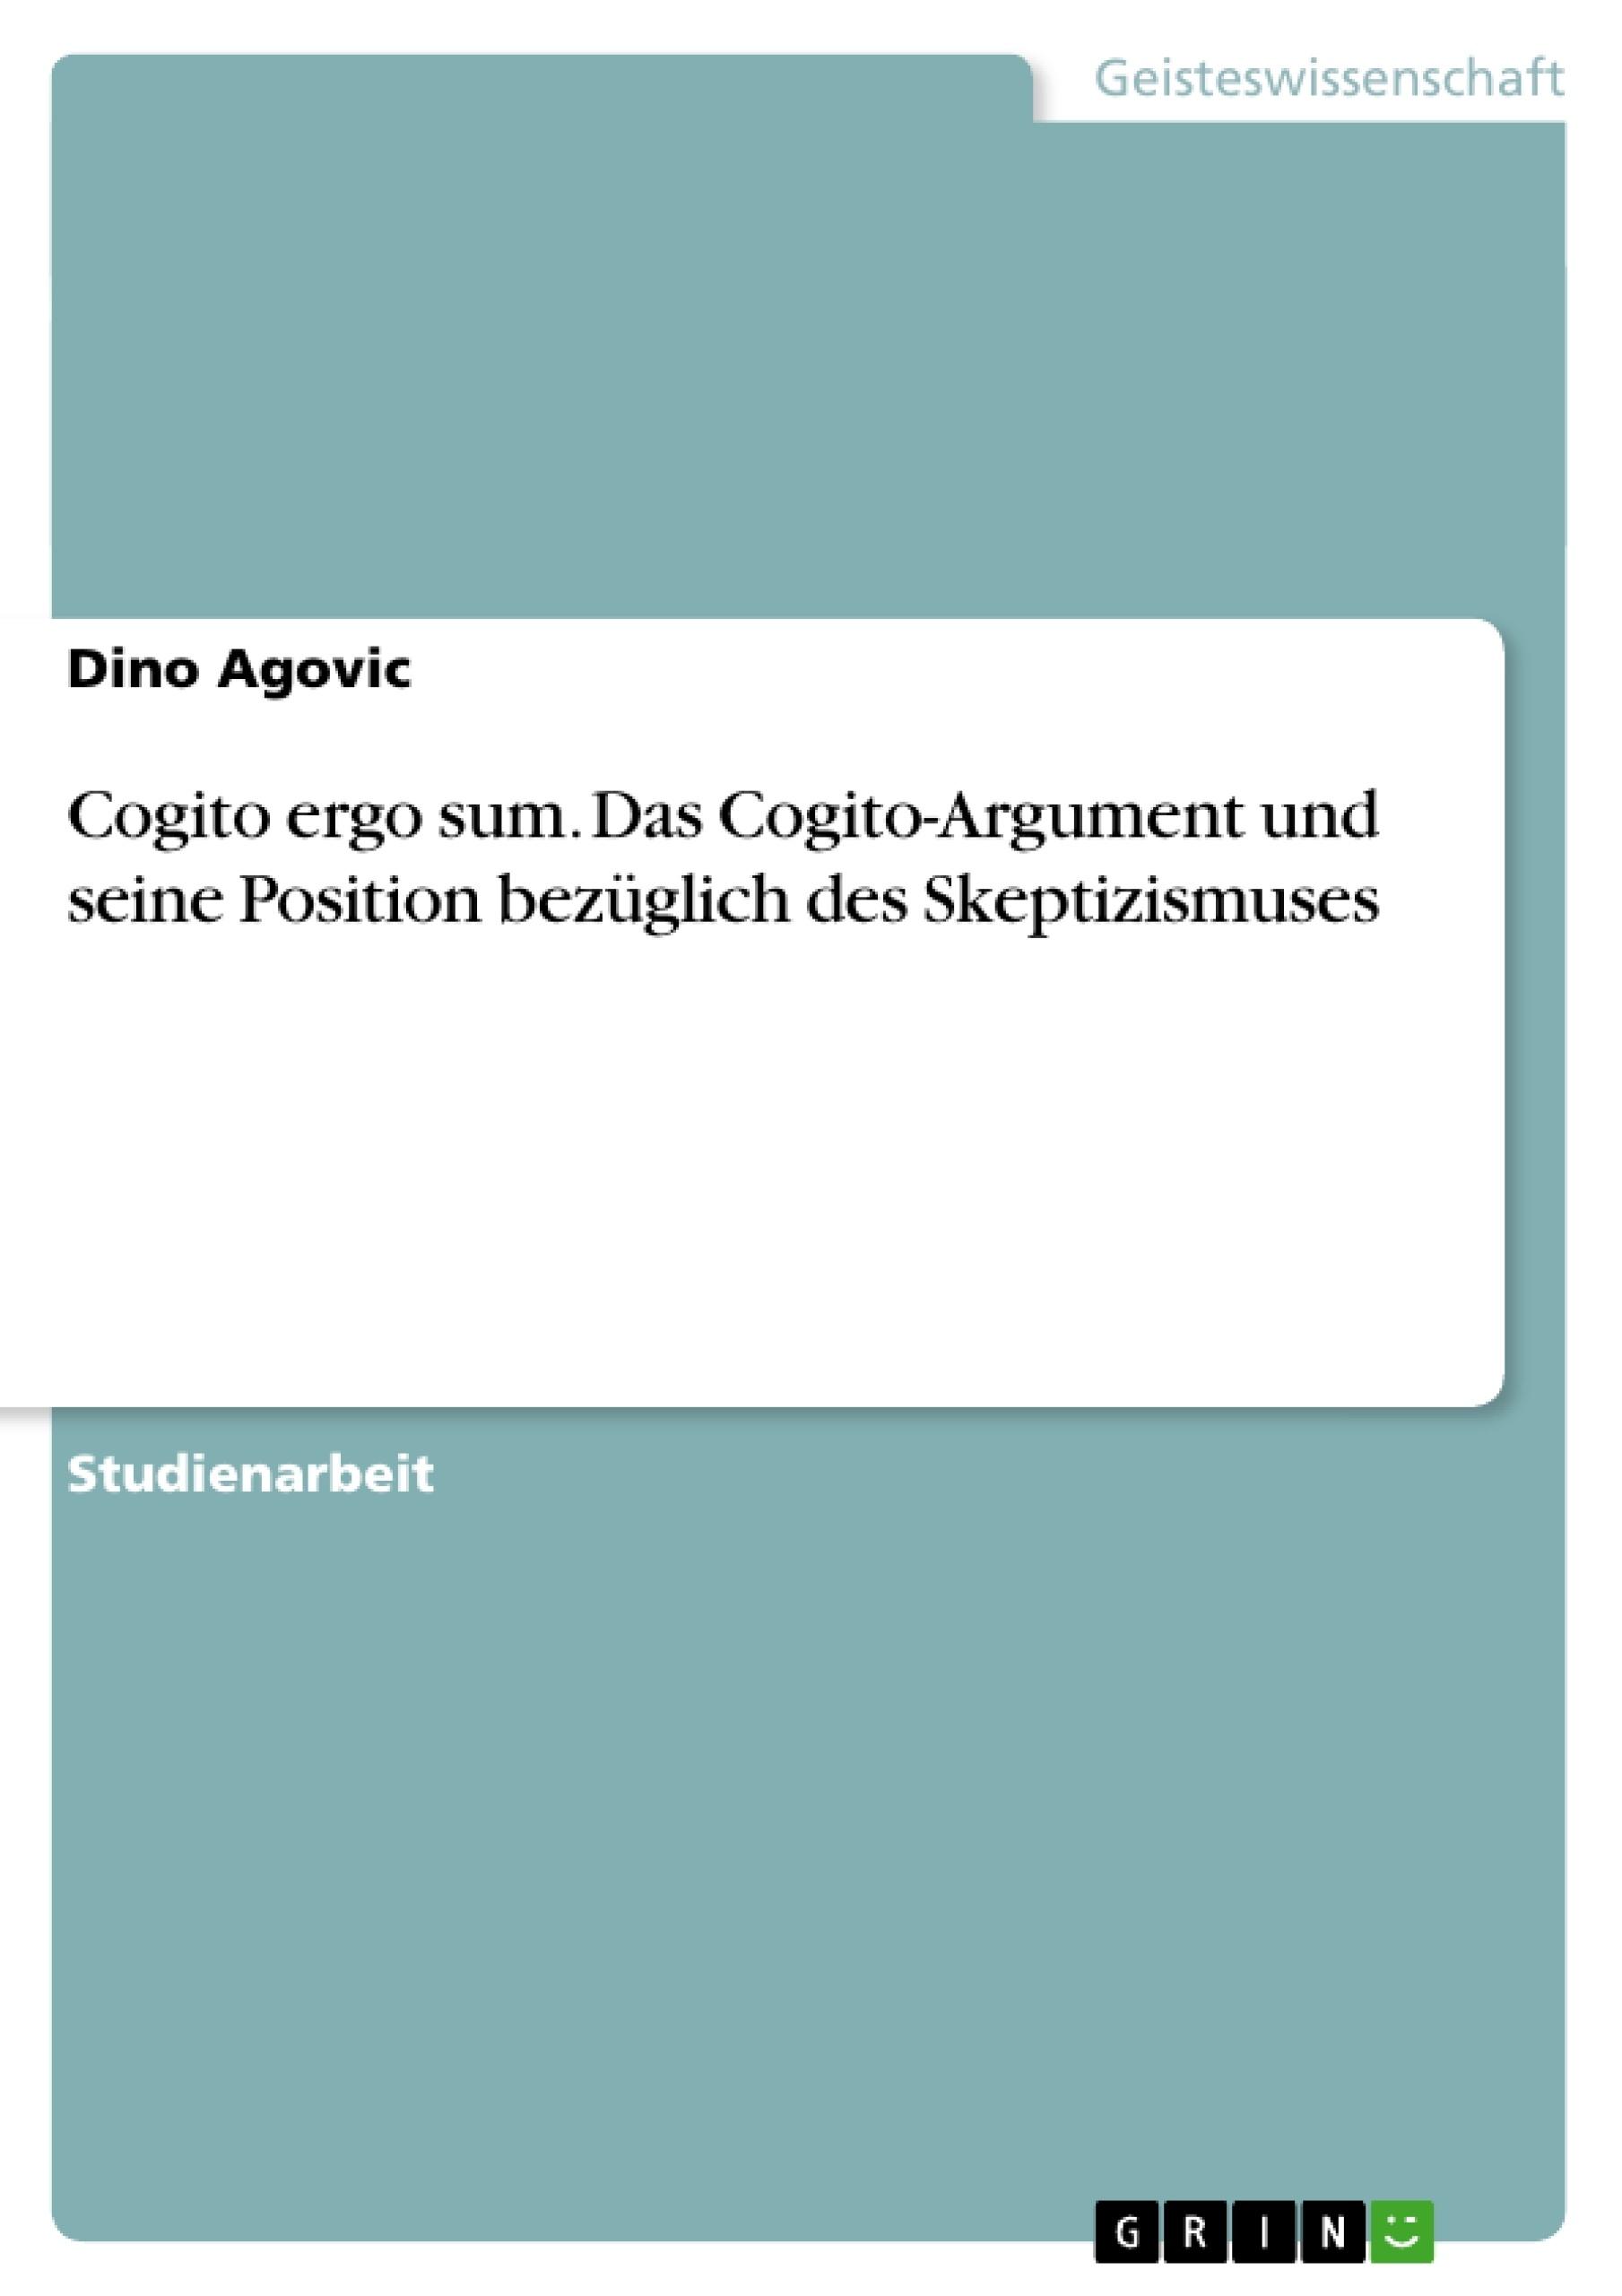 Titel: Cogito ergo sum. Das Cogito-Argument und seine Position bezüglich des Skeptizismuses